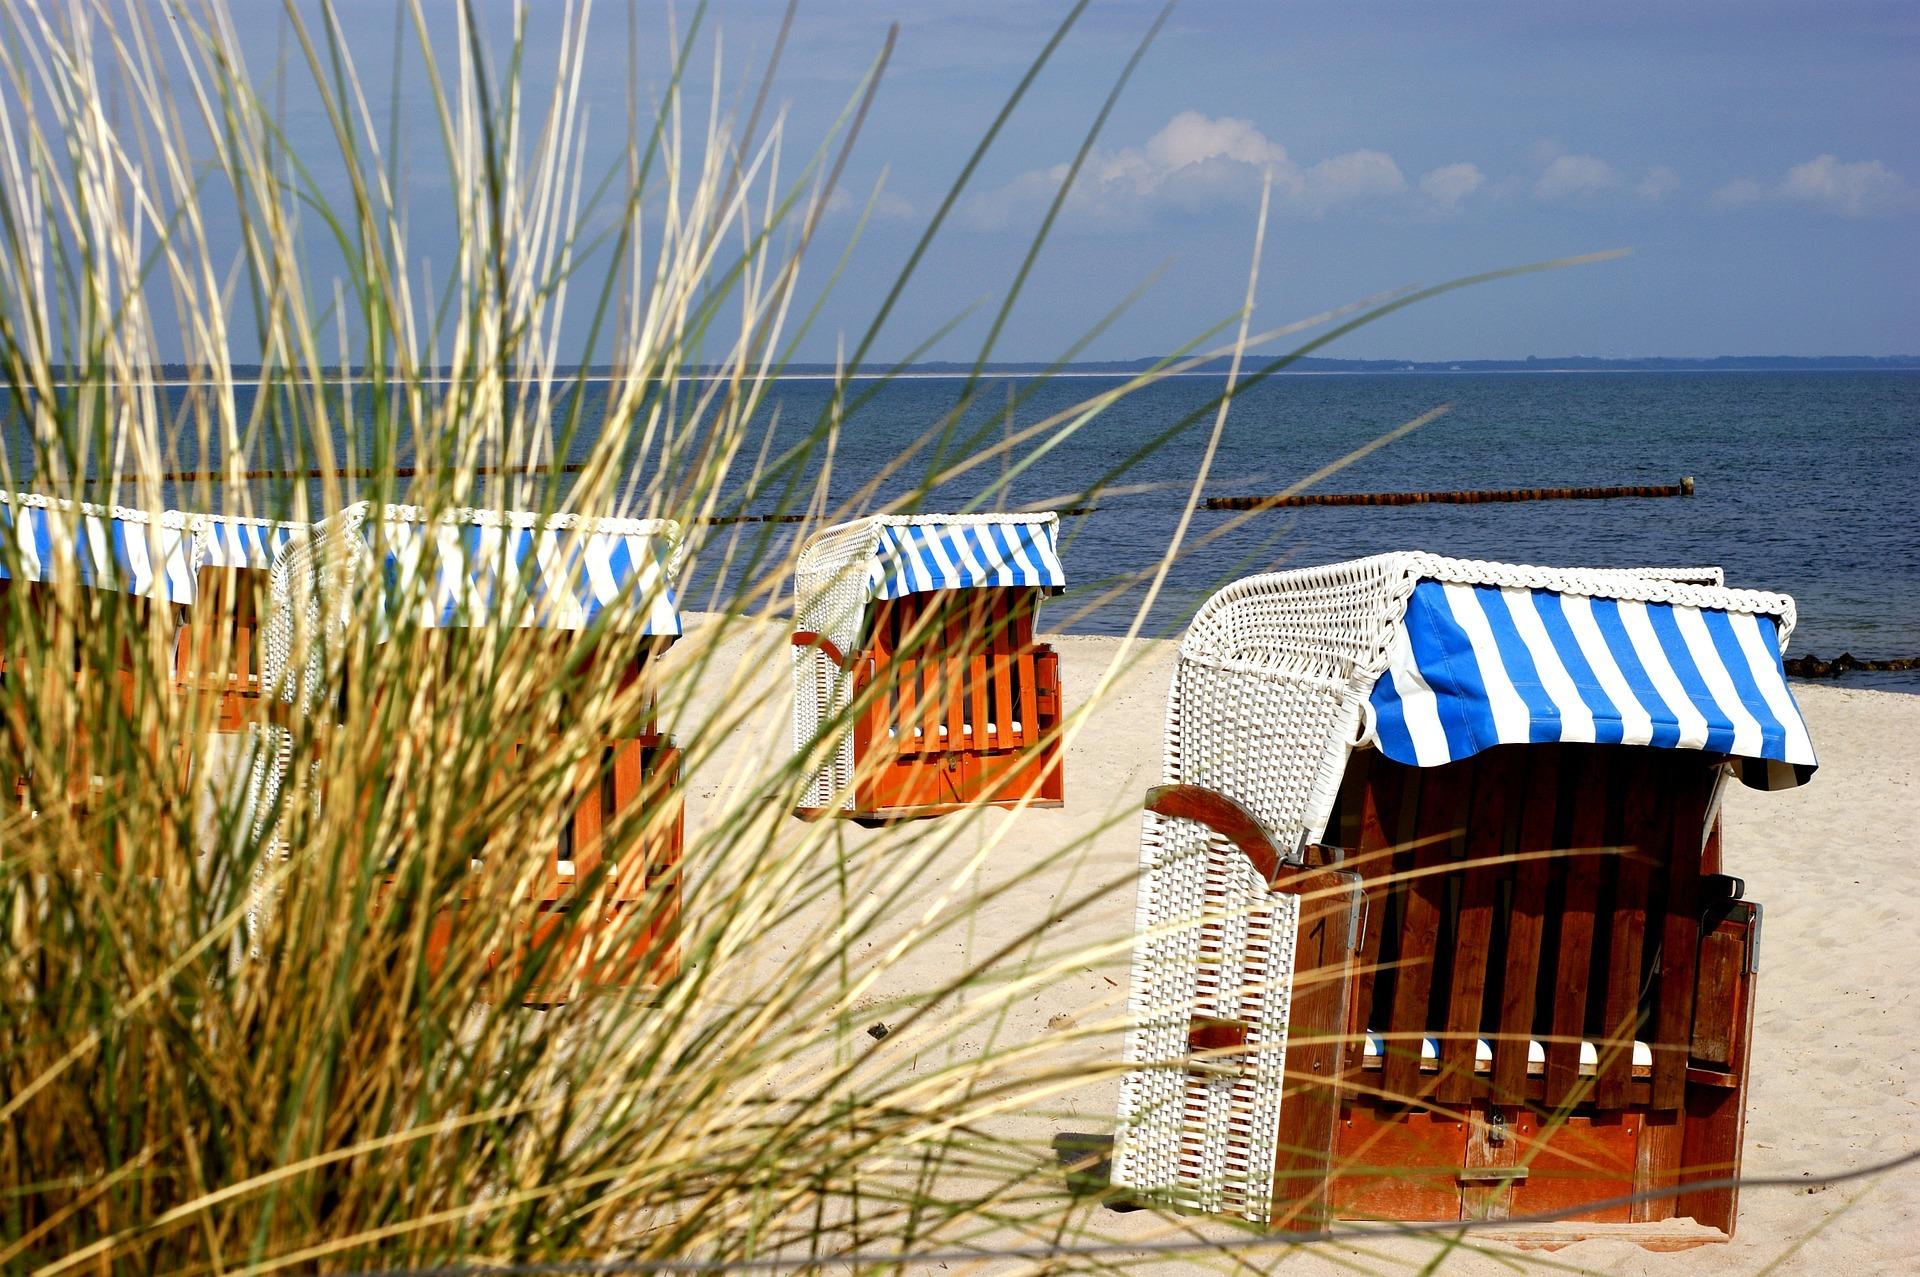 Ferienhäuser auf der schönen Insel Rügen auf blog-baron.de